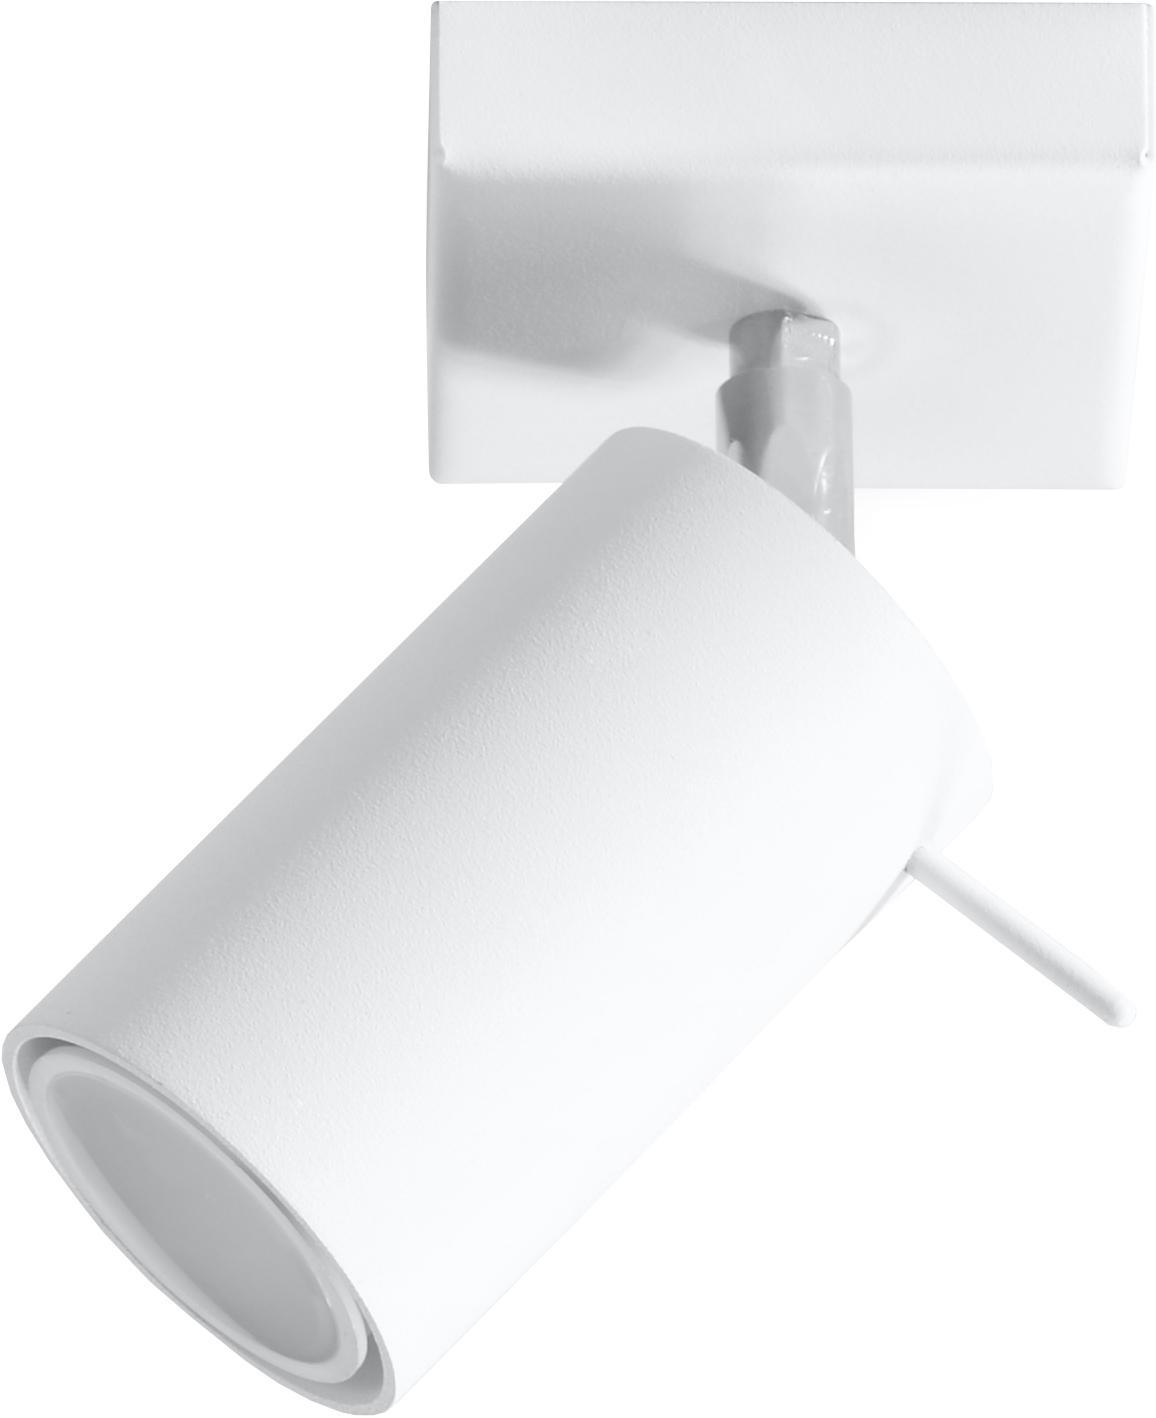 Lampa sufitowa Etna, Stal lakierowana, Biały, S 10 x W 15 cm